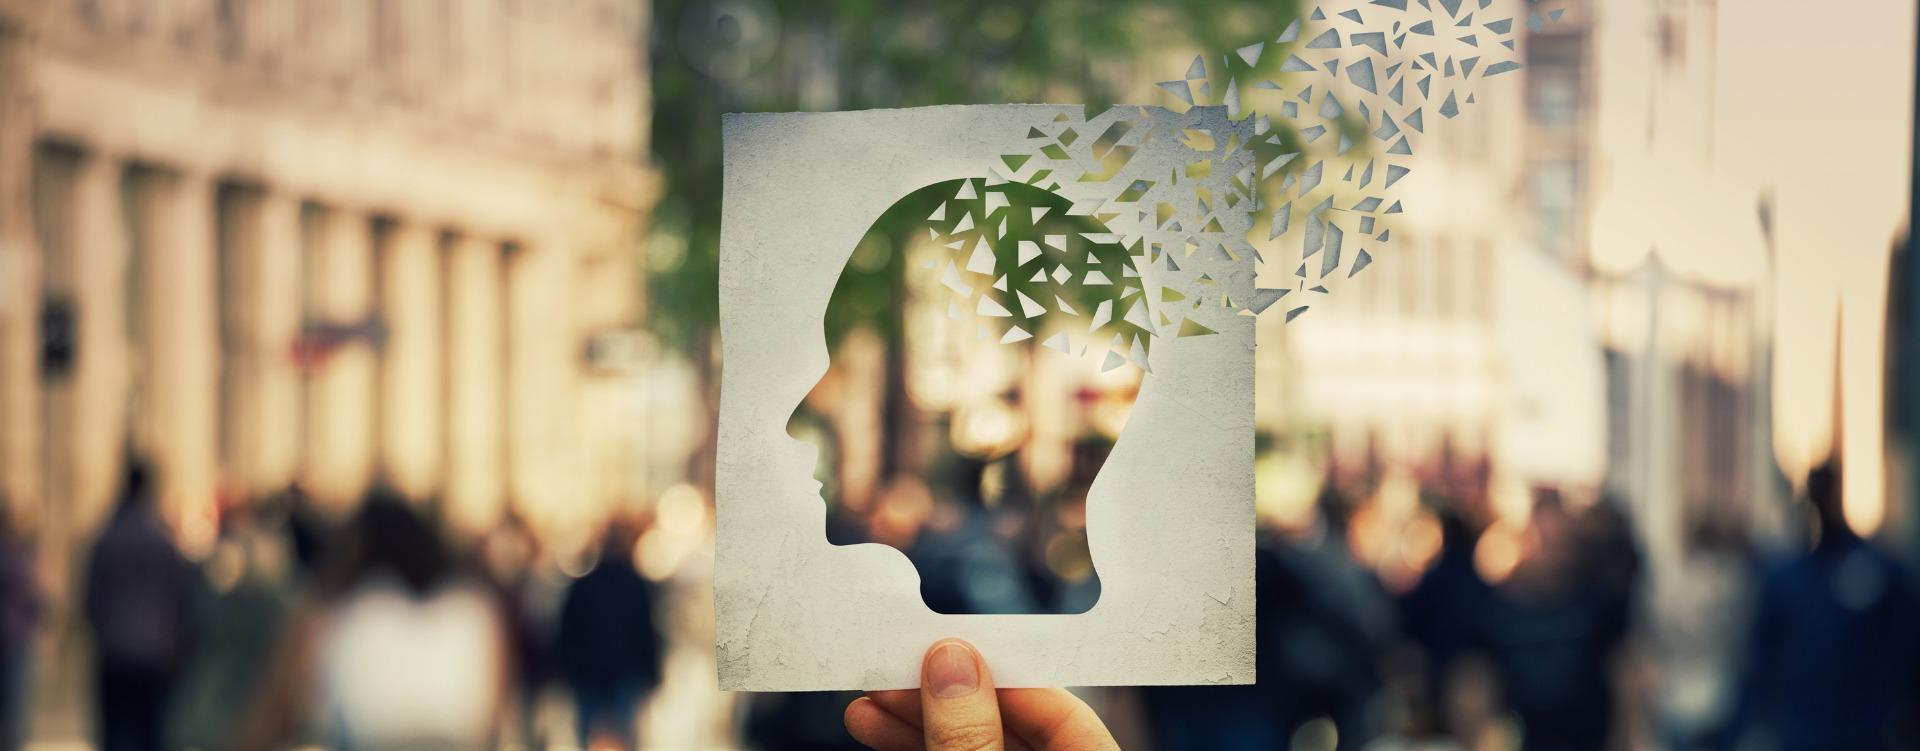 Psychologia wfundraisingu – współczucie